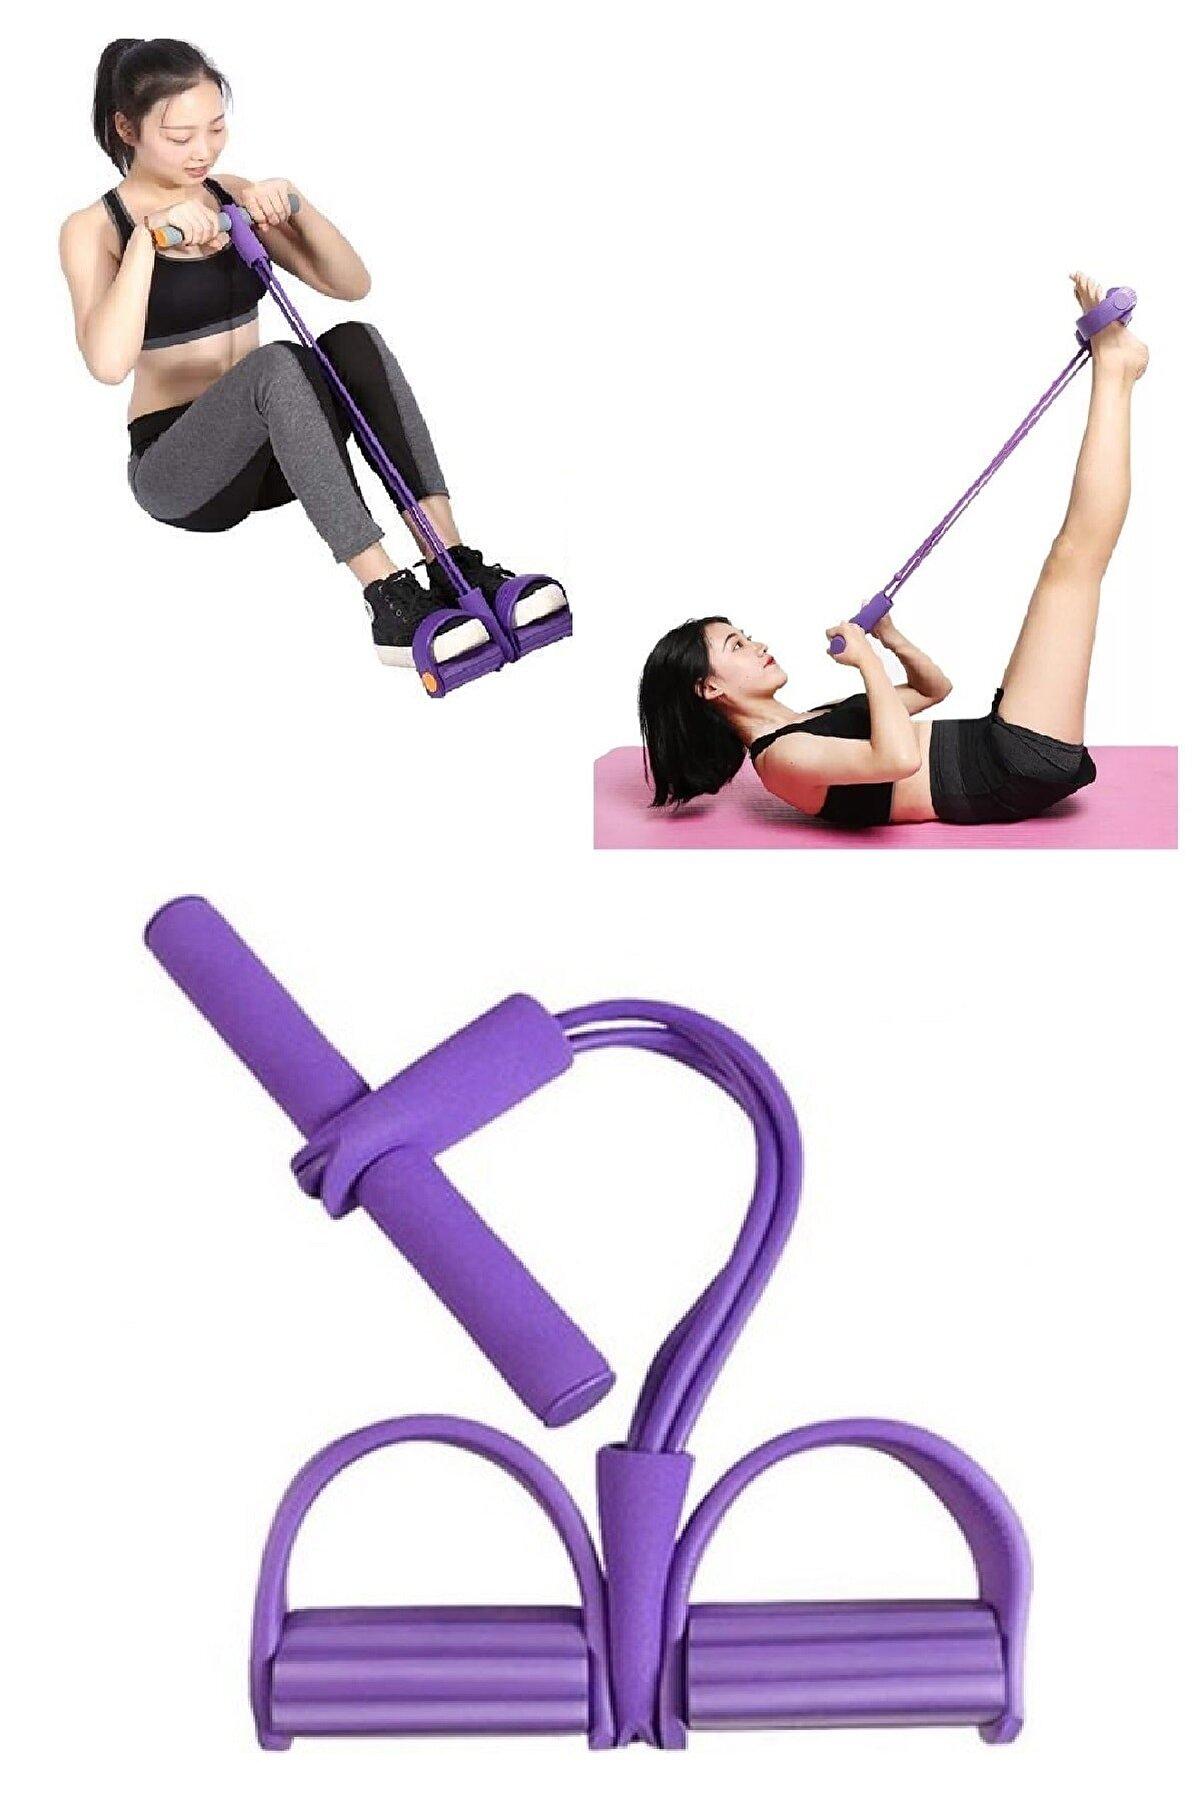 Otantik Karın Kol Kalça Ayak Tüm Vücut Şekillendirme Body Trimmer Fitness Aerobik Jimnastik Spor Aleti